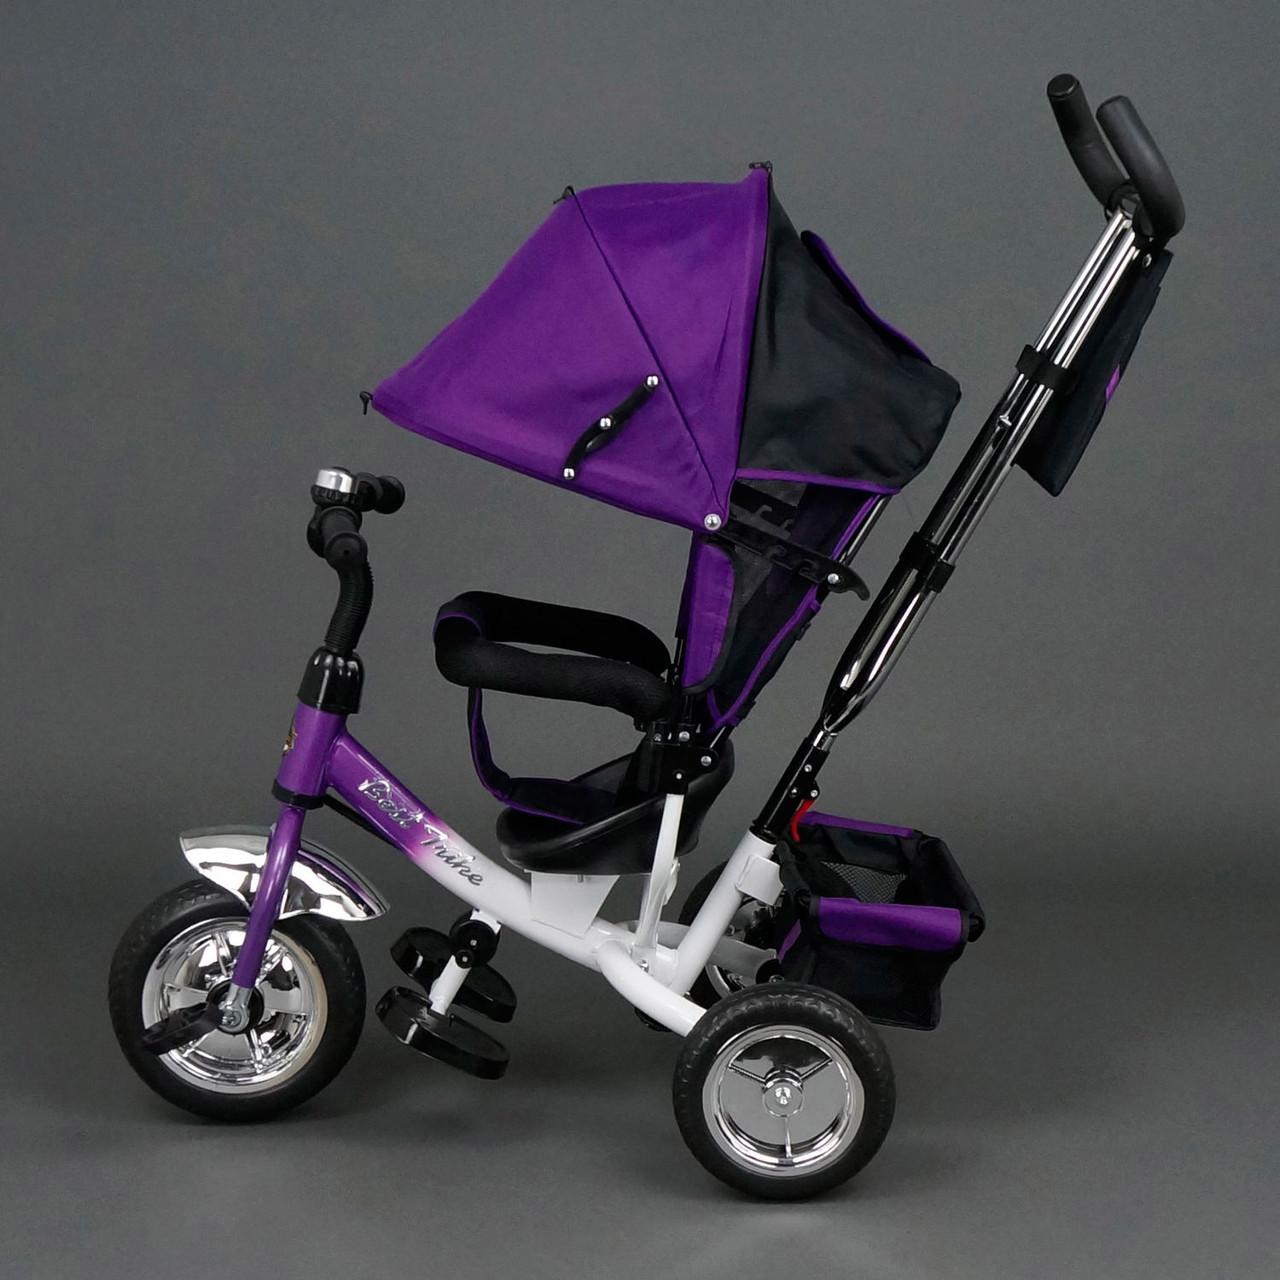 Детский трехколесный велосипед Best Trike 6588 фиолетовый